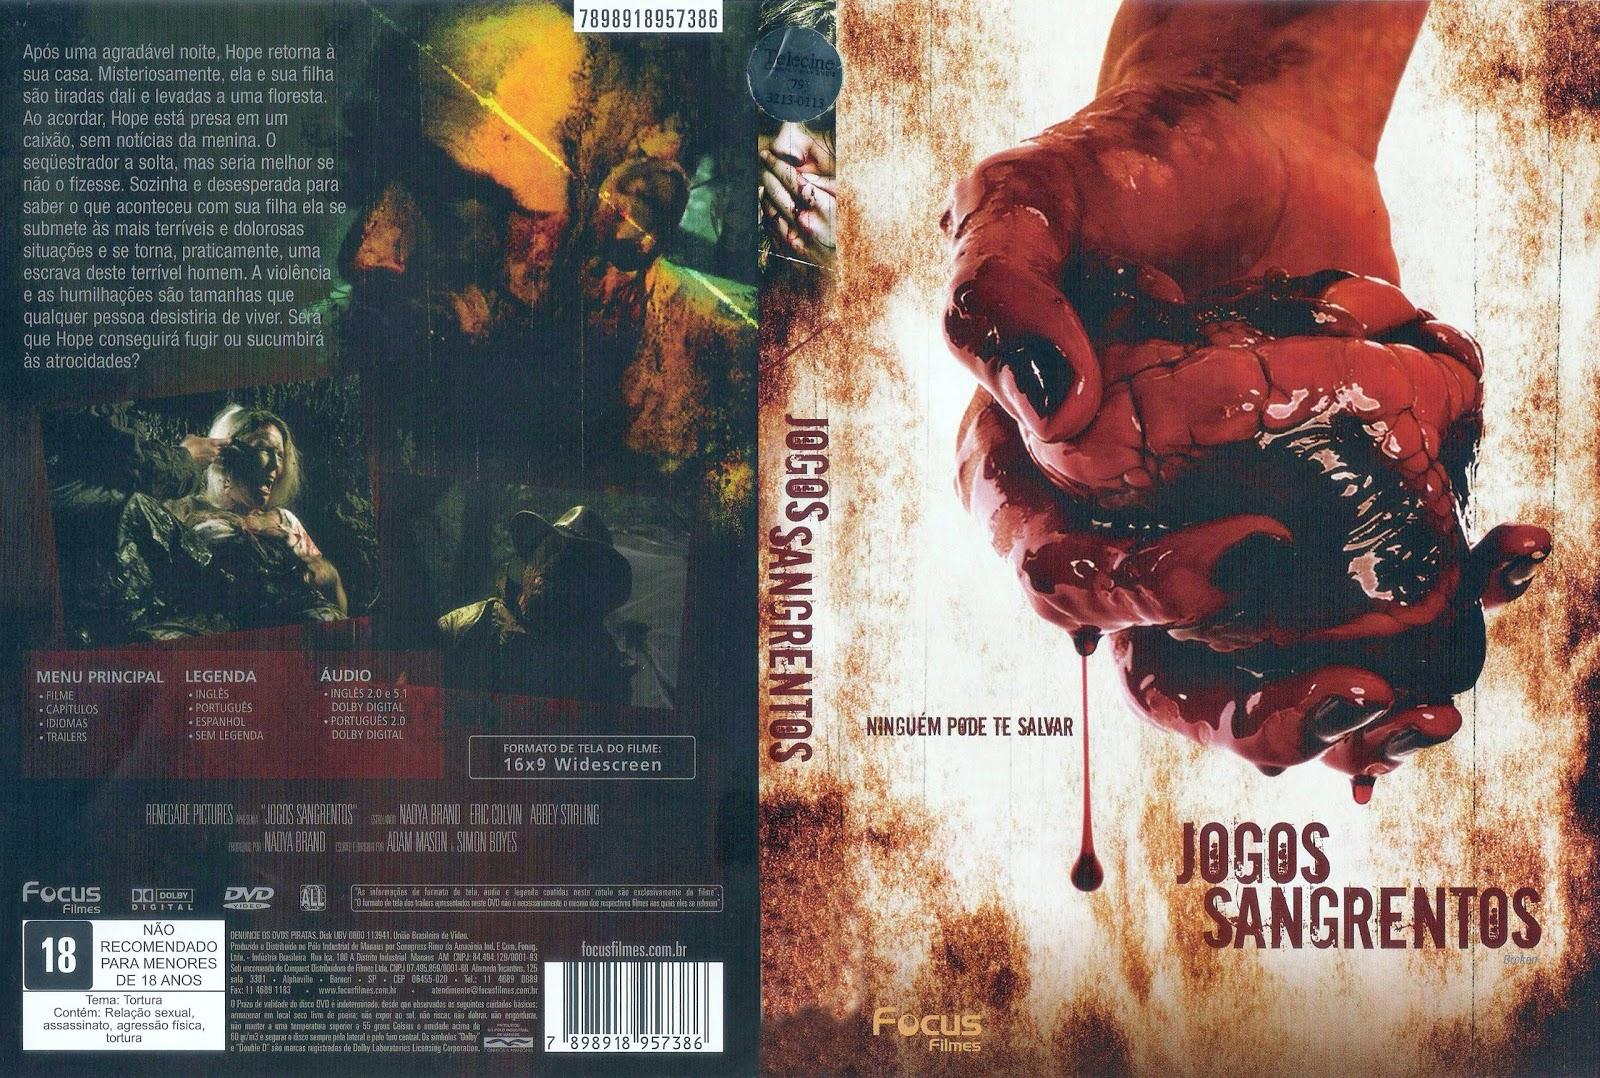 Capa DVD Jogos Sangrentos